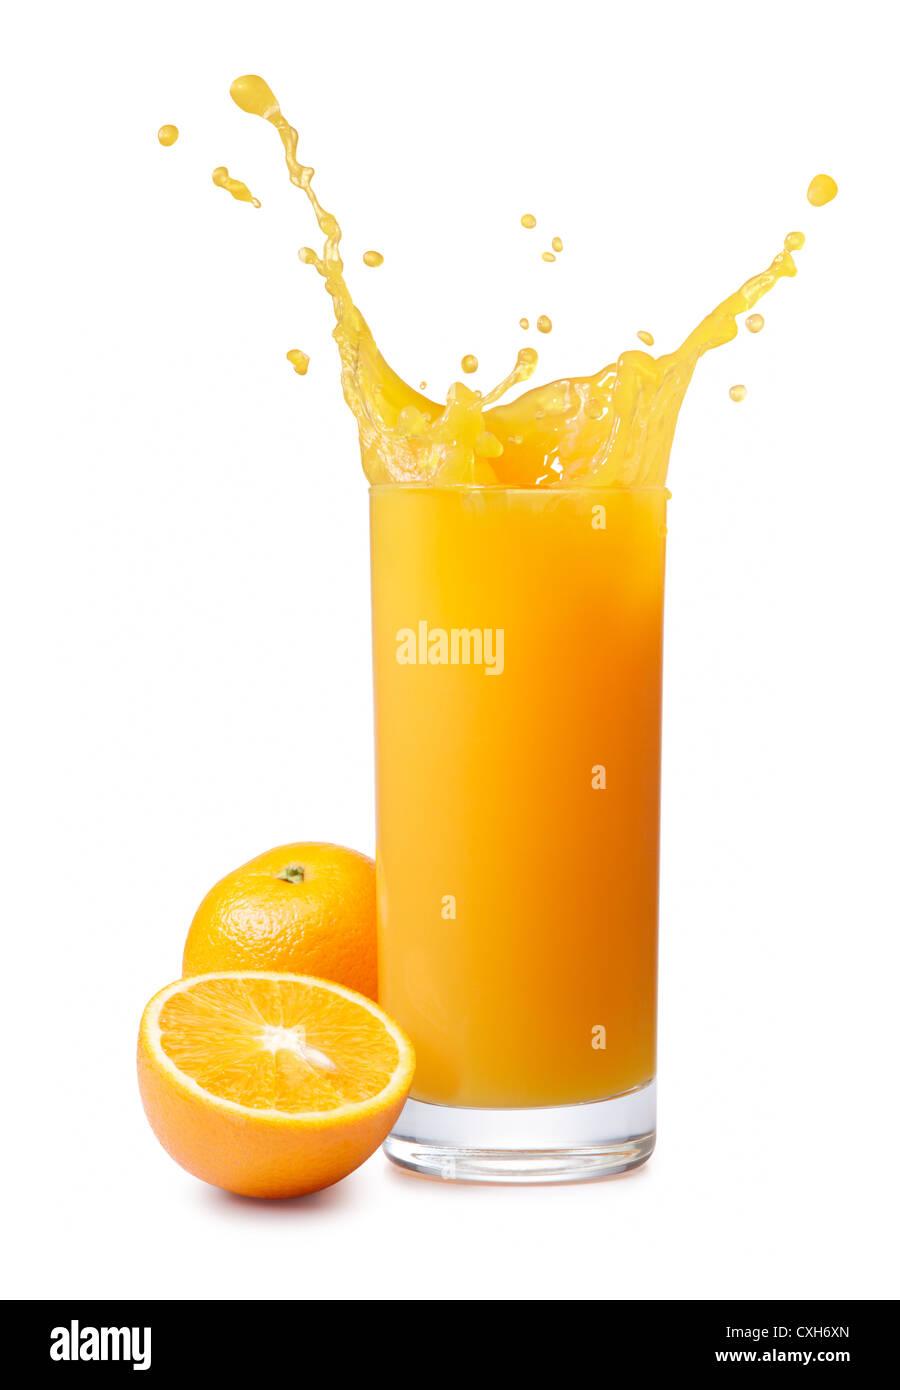 splashing orange juice with oranges isolated on white - Stock Image